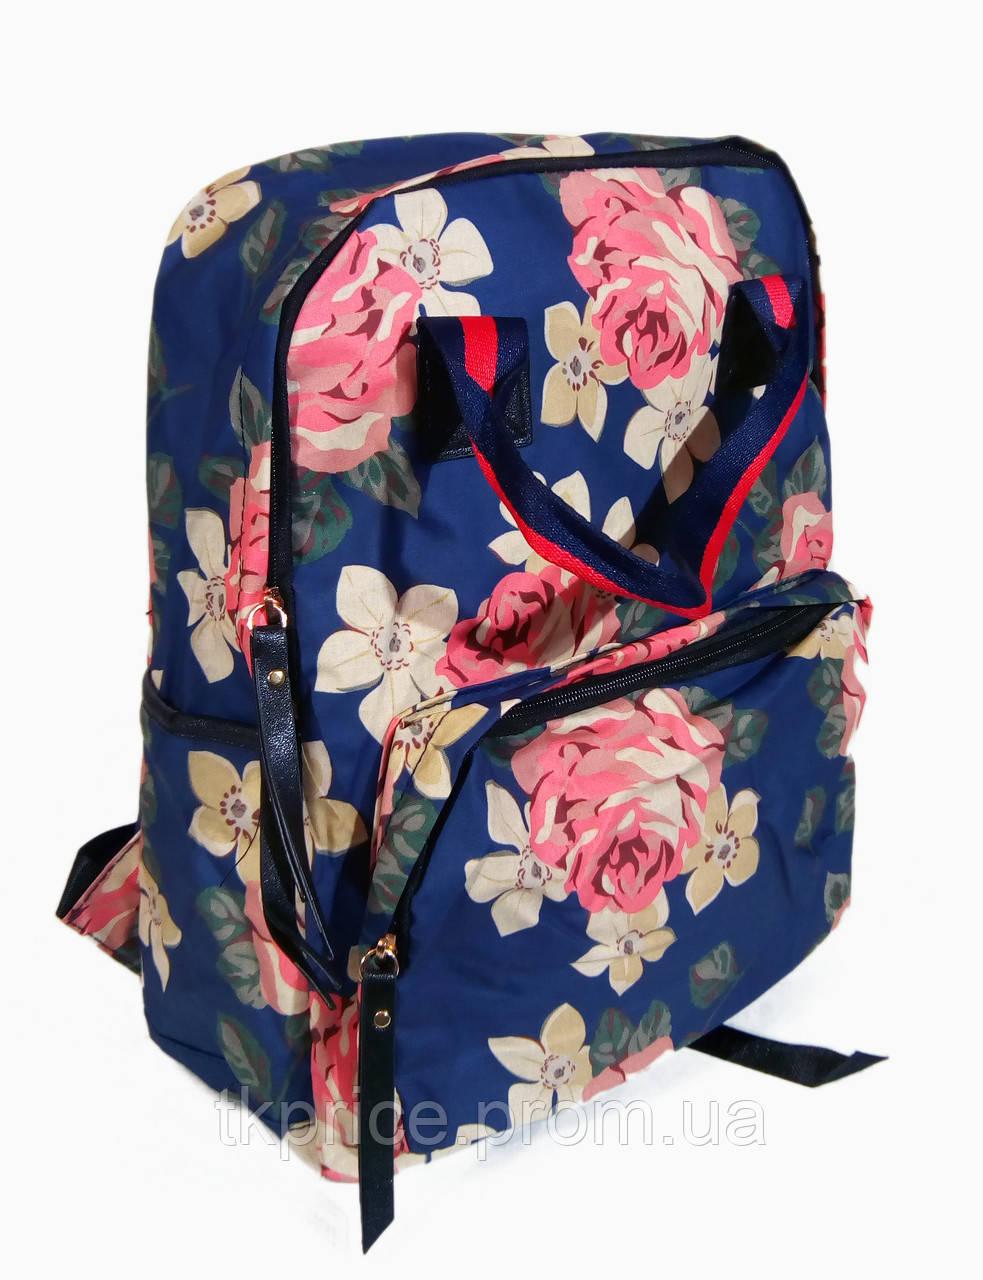 50f06ccf3ce4 Сумка - рюкзак для школы и прогулок с цветочным принтом - Интернет-магазин